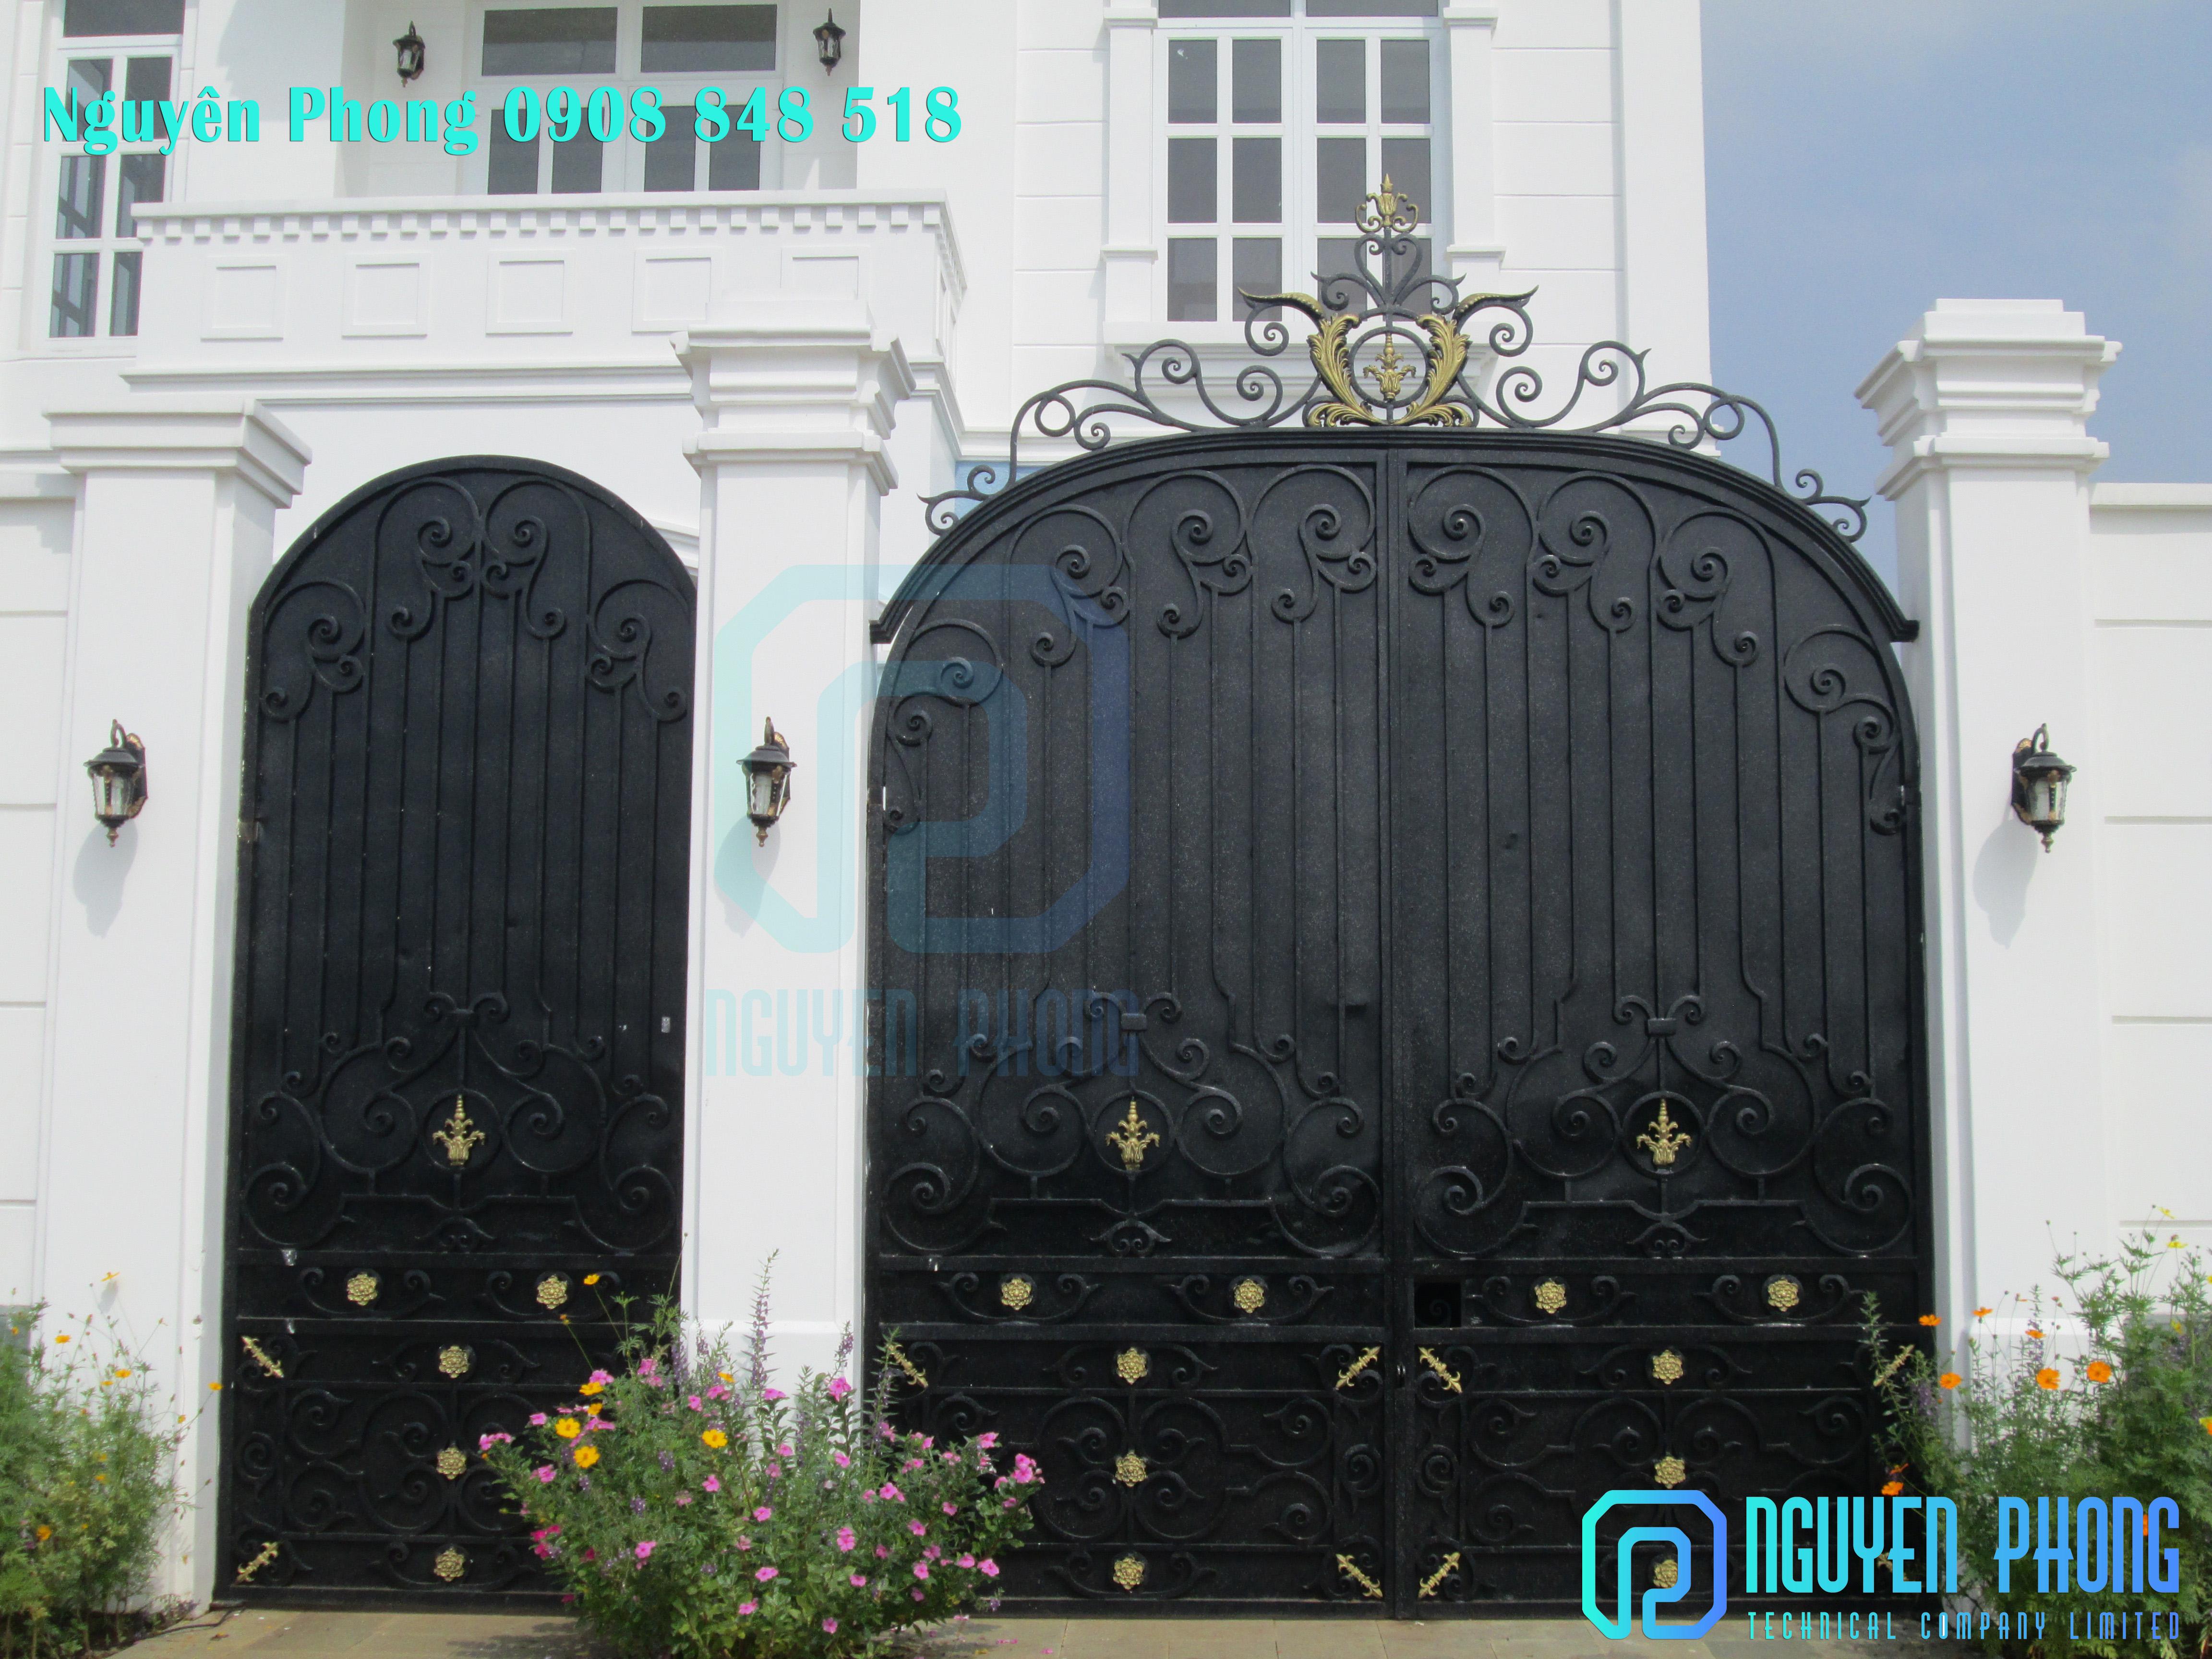 Cửa sắt, cổng sắt cắt CNC hoa văn sắt nghệ thuật cao cấp cho biệt thự, nhà phố